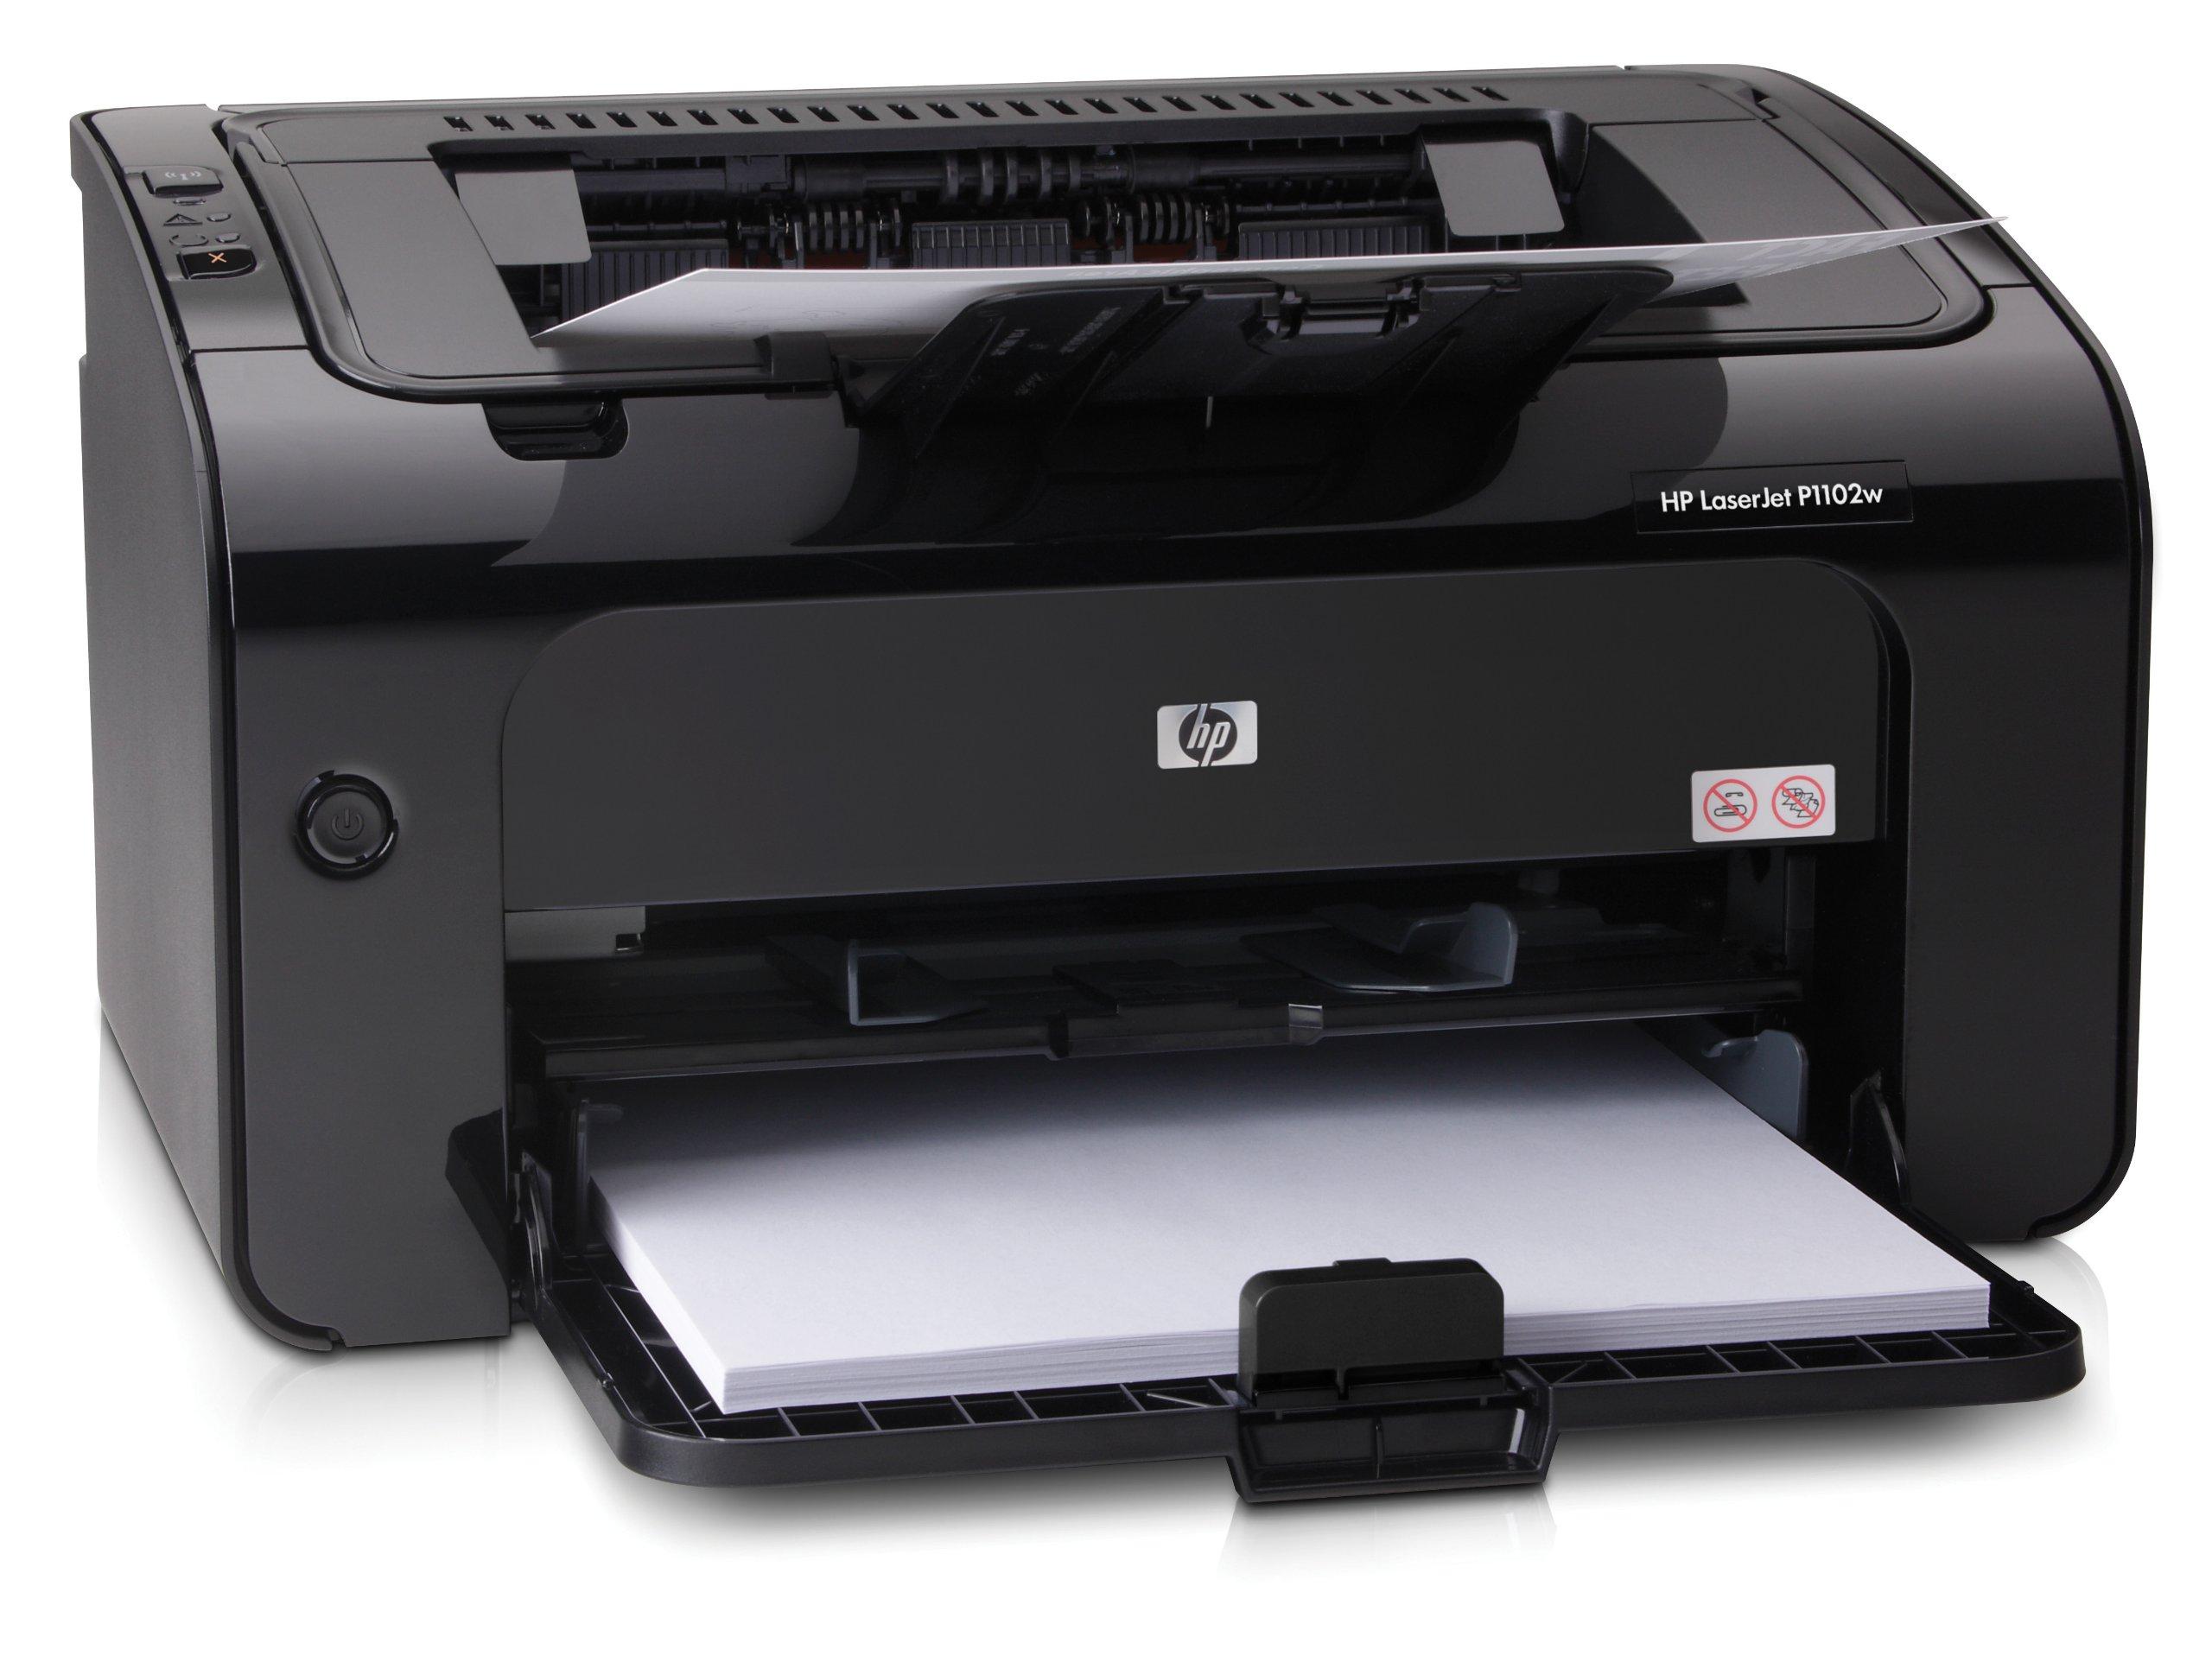 HP LaserJet Pro P1102w Wireless Laser Printer (CE658A) by HP (Image #3)